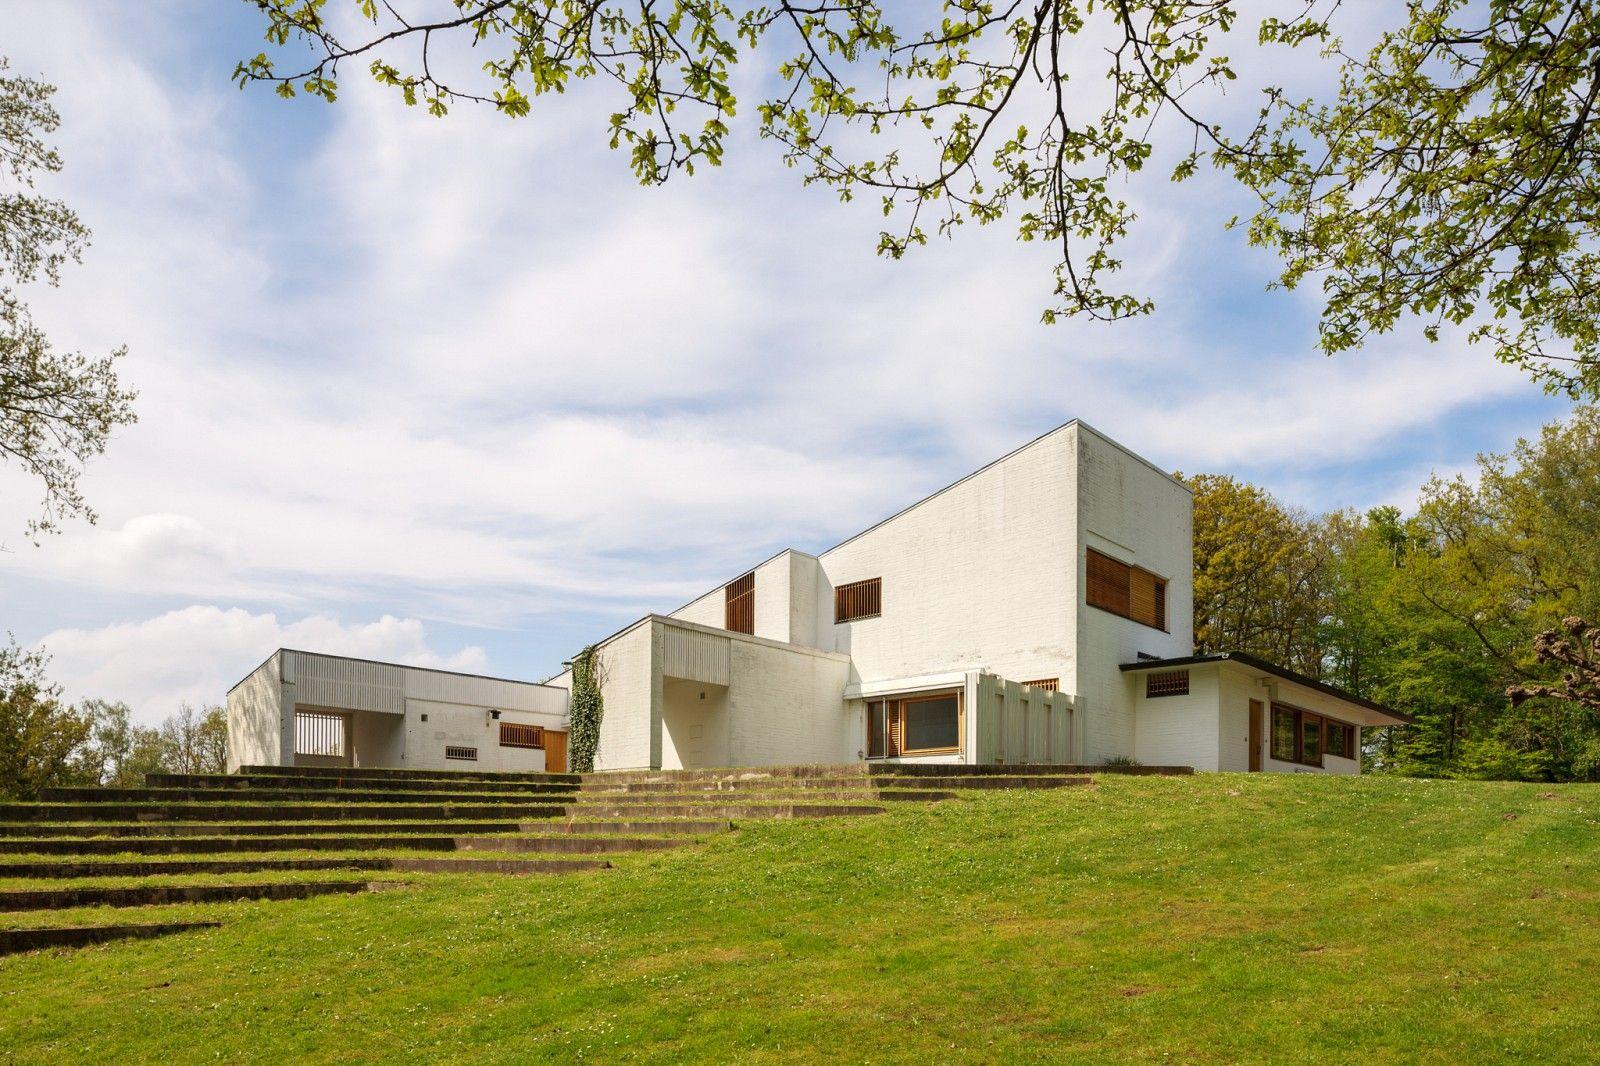 Meuble Salle De Bain Pierre Et Bois ~ Carre Maison Maison Louis Carr Architecte Alvar Aalto Stock Photo